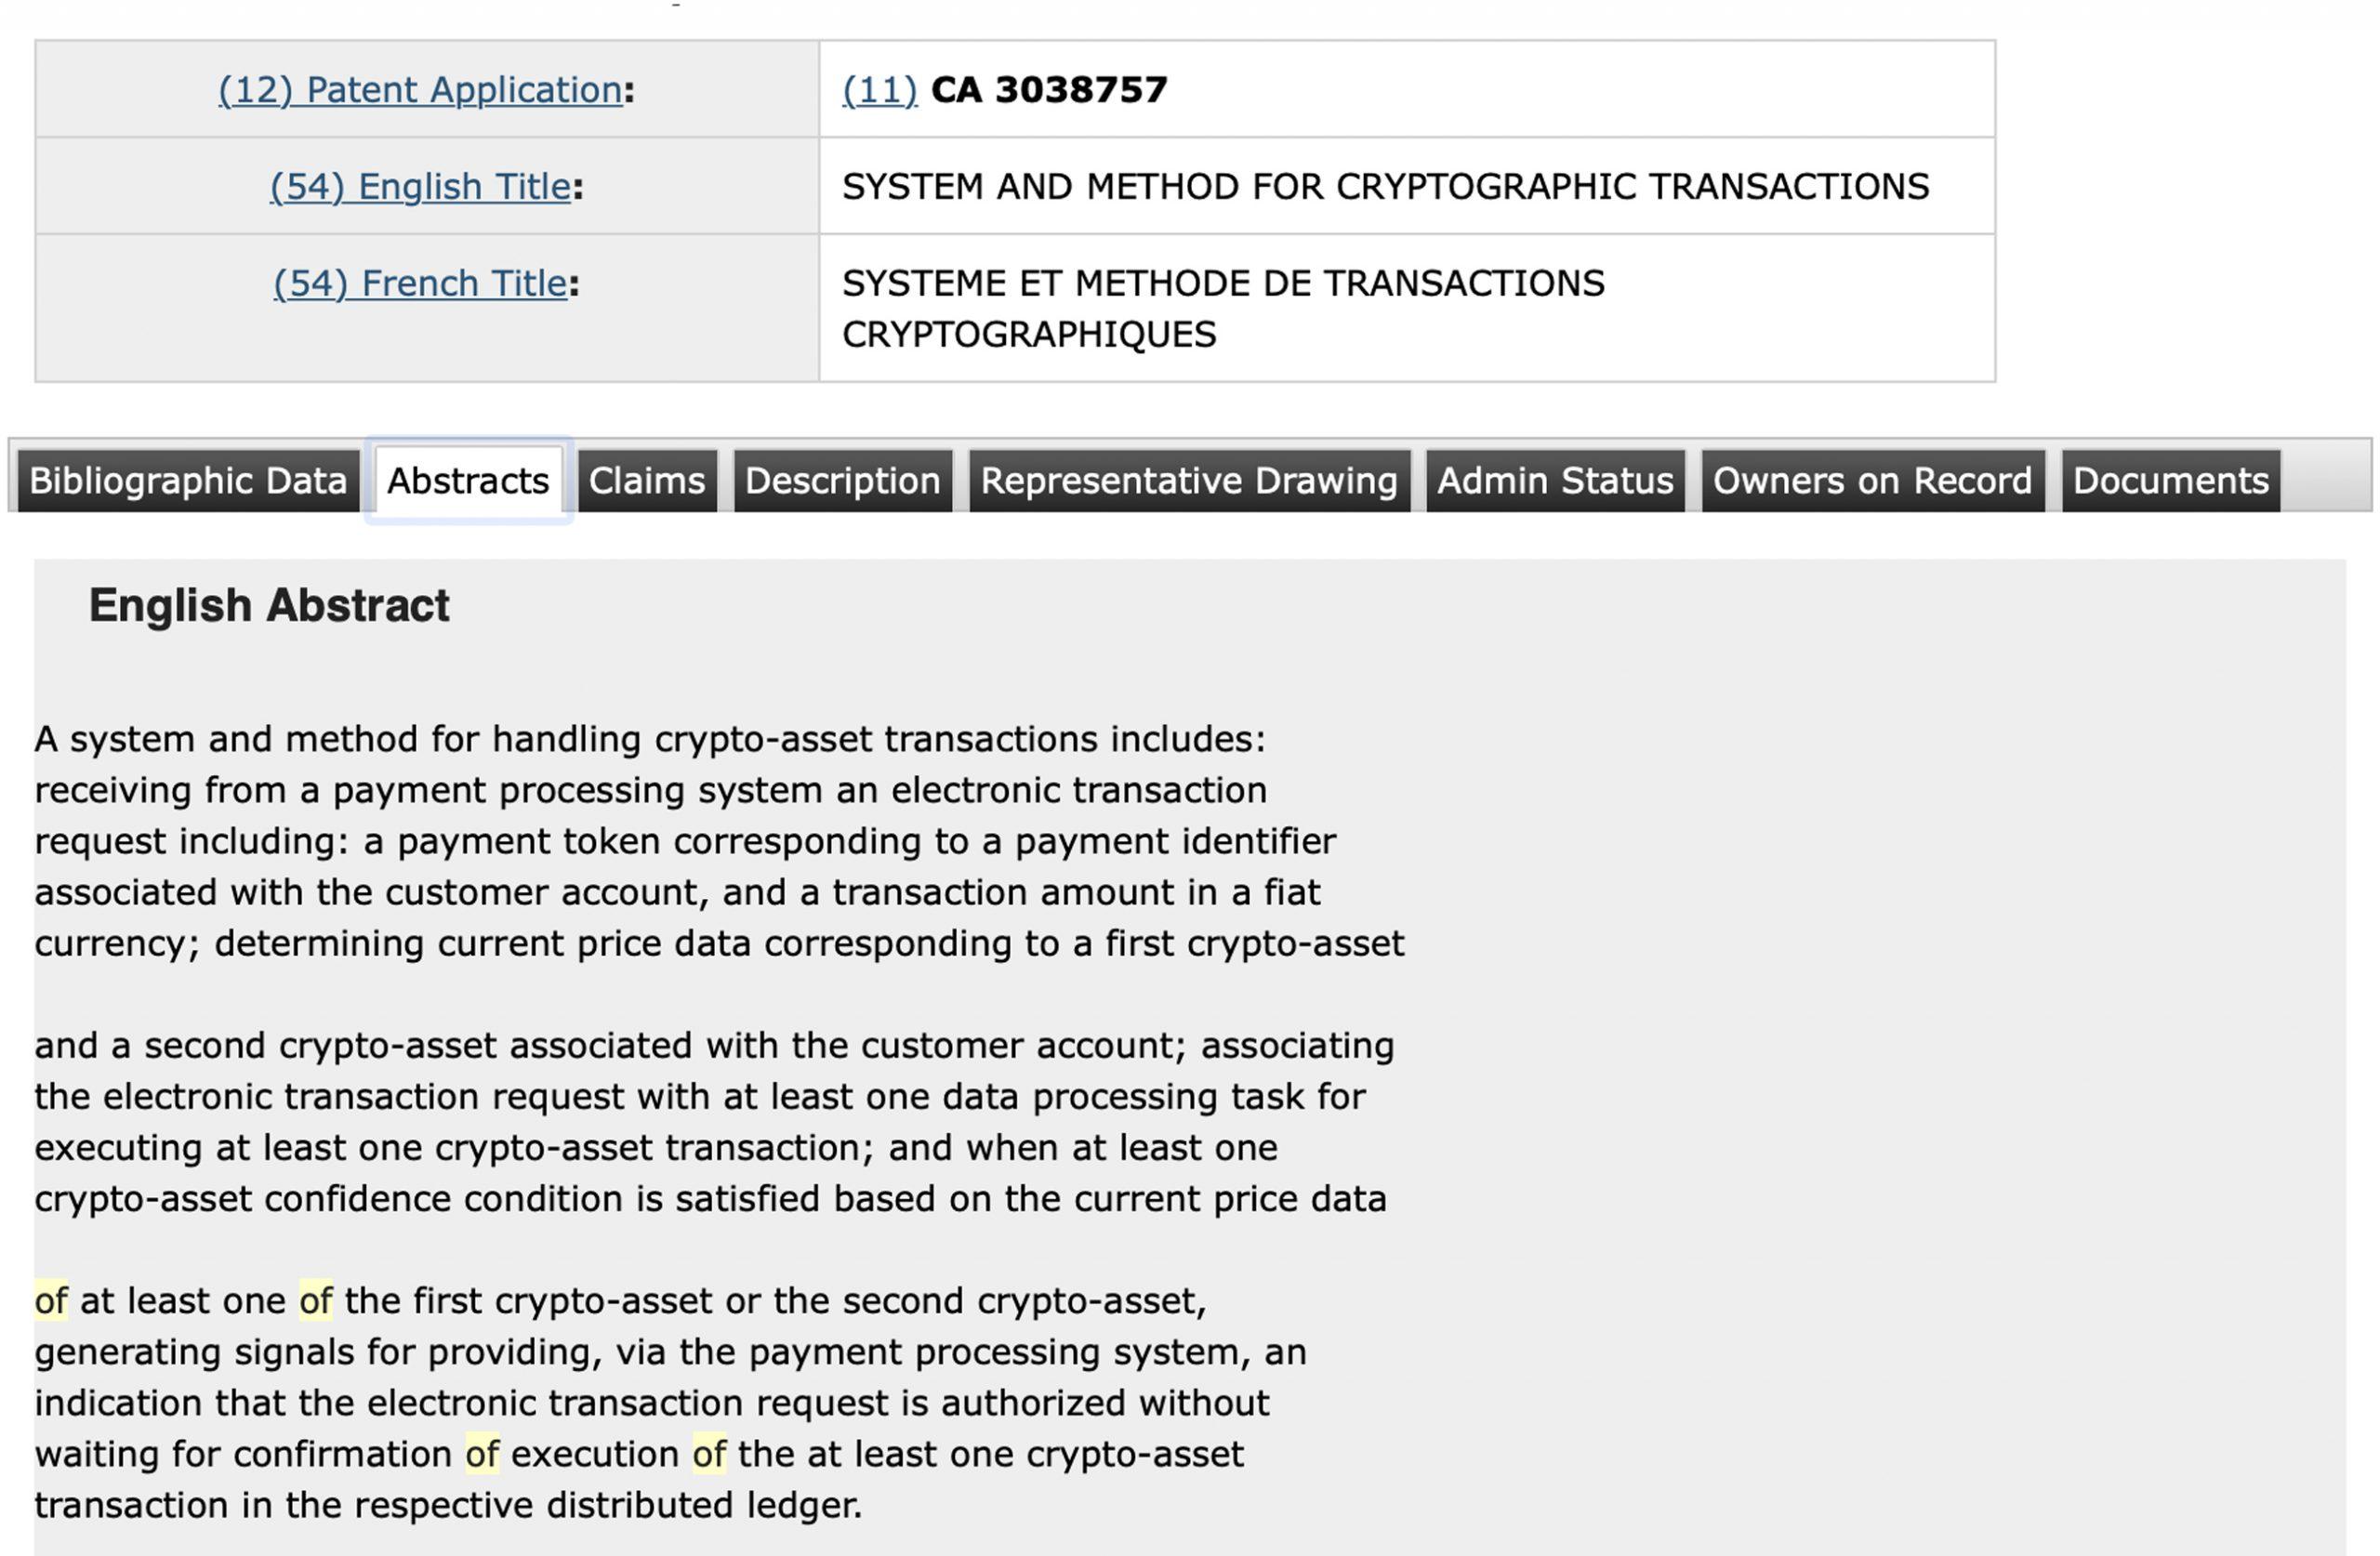 """Las patentes del Royal Bank of Canada apuntan al lanzamiento de Crypto Exchange"""" width = """"549"""" height = """"359"""" srcset = """"https://news.bitcoin.com/wp-content/uploads/ 2019/11 / petatasnnd-scaled.jpg 2560w, https://news.bitcoin.com/wp-content/uploads/2019/11/petatasnnd-300x196.jpg 300w, https://news.bitcoin.com/wp- content / uploads / 2019/11 / petatasnnd-1024x670.jpg 1024w, https://news.bitcoin.com/wp-content/uploads/2019/11/petatasnnd-768x502.jpg 768w, https: //news.bitcoin. com / wp-content / uploads / 2019/11 / petatasnnd-1536x1004.jpg 1536w, https://news.bitcoin.com/wp-content/uploads/2019/11/petatasnnd-2048x1339.jpg 2048w, https: // news.bitcoin.com/wp-content/uploads/2019/11/petatasnnd-696x455.jpg 696w, https://news.bitcoin.com/wp-content/uploads/2019/11/petatasnnd-1392x910.jpg 1392w, https://news.bitcoin.com/wp-content/uploads/2019/11/petatasnnd-1068x698.jpg 1068w, https://news.bitcoin.com/wp-content/uploads/2019/11/petatasnnd-642x420 .jpg 642w, https://news.bitcoin.com/wp-content/uploads/2019/1 1 / petatasnnd-1920x1255.jpg 1920w """"tamaños ="""" (ancho máximo: 549px) 100vw, 549px"""